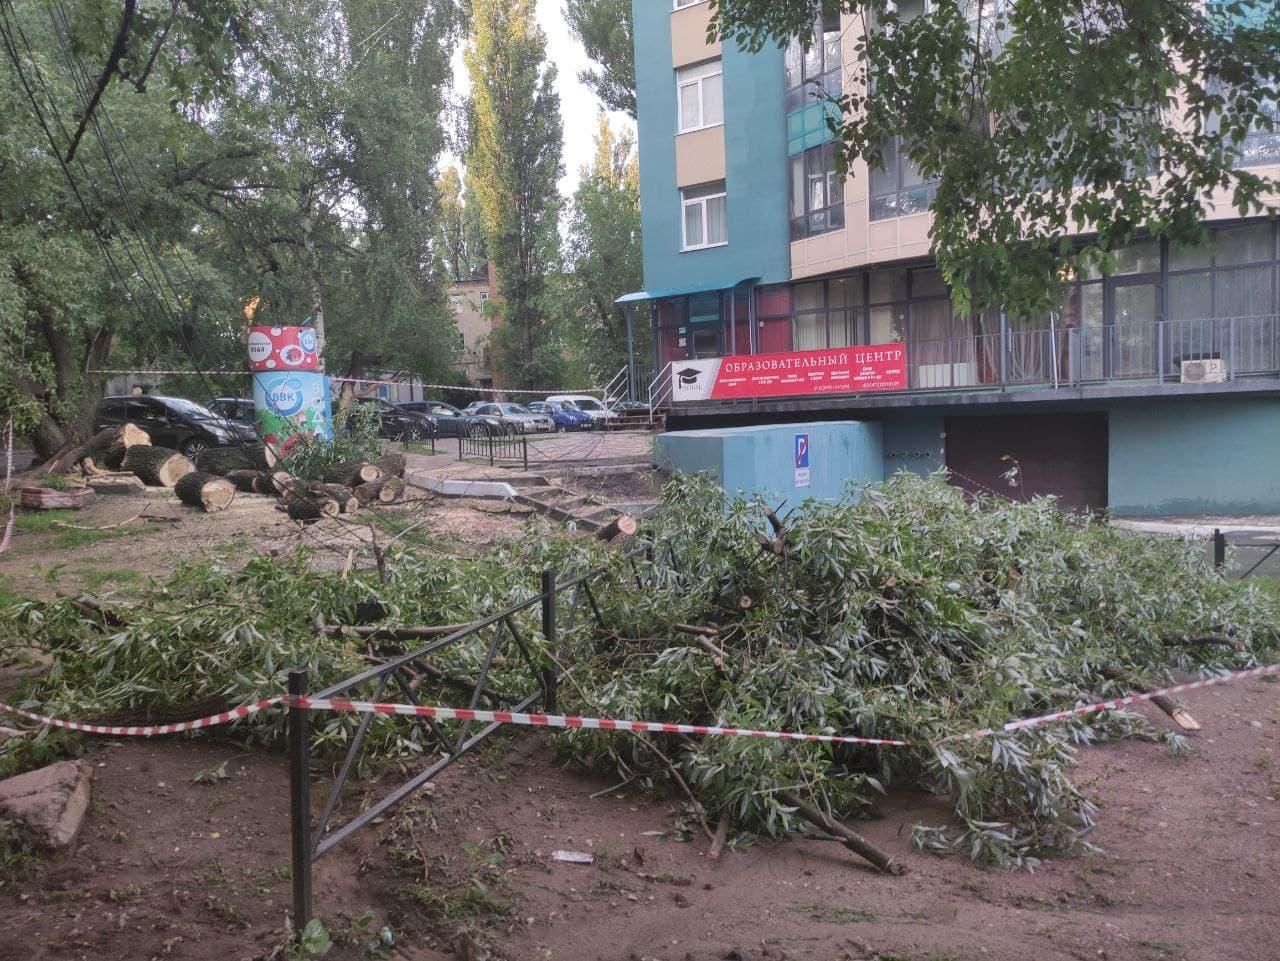 Дерево упало на провода и повалило столб в Воронеже